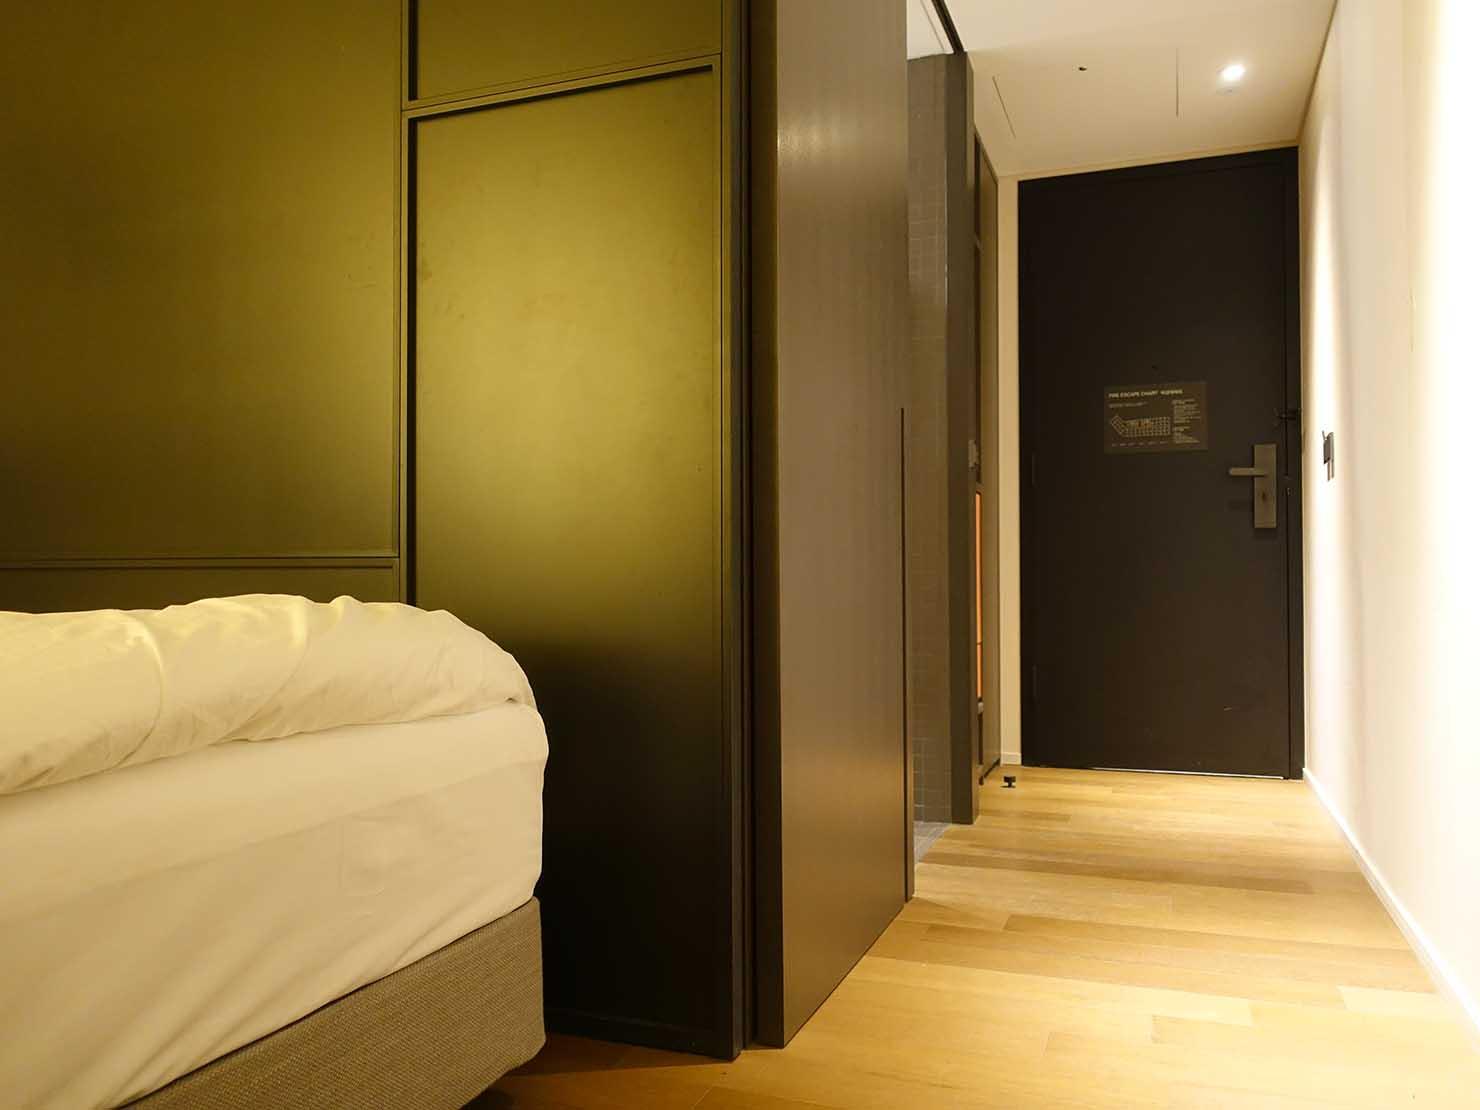 ソウル観光に超便利なアクセス抜群の特2級ホテル「新羅ステイ麻浦 Shilla Stay Mapo」スタンダードツインの玄関